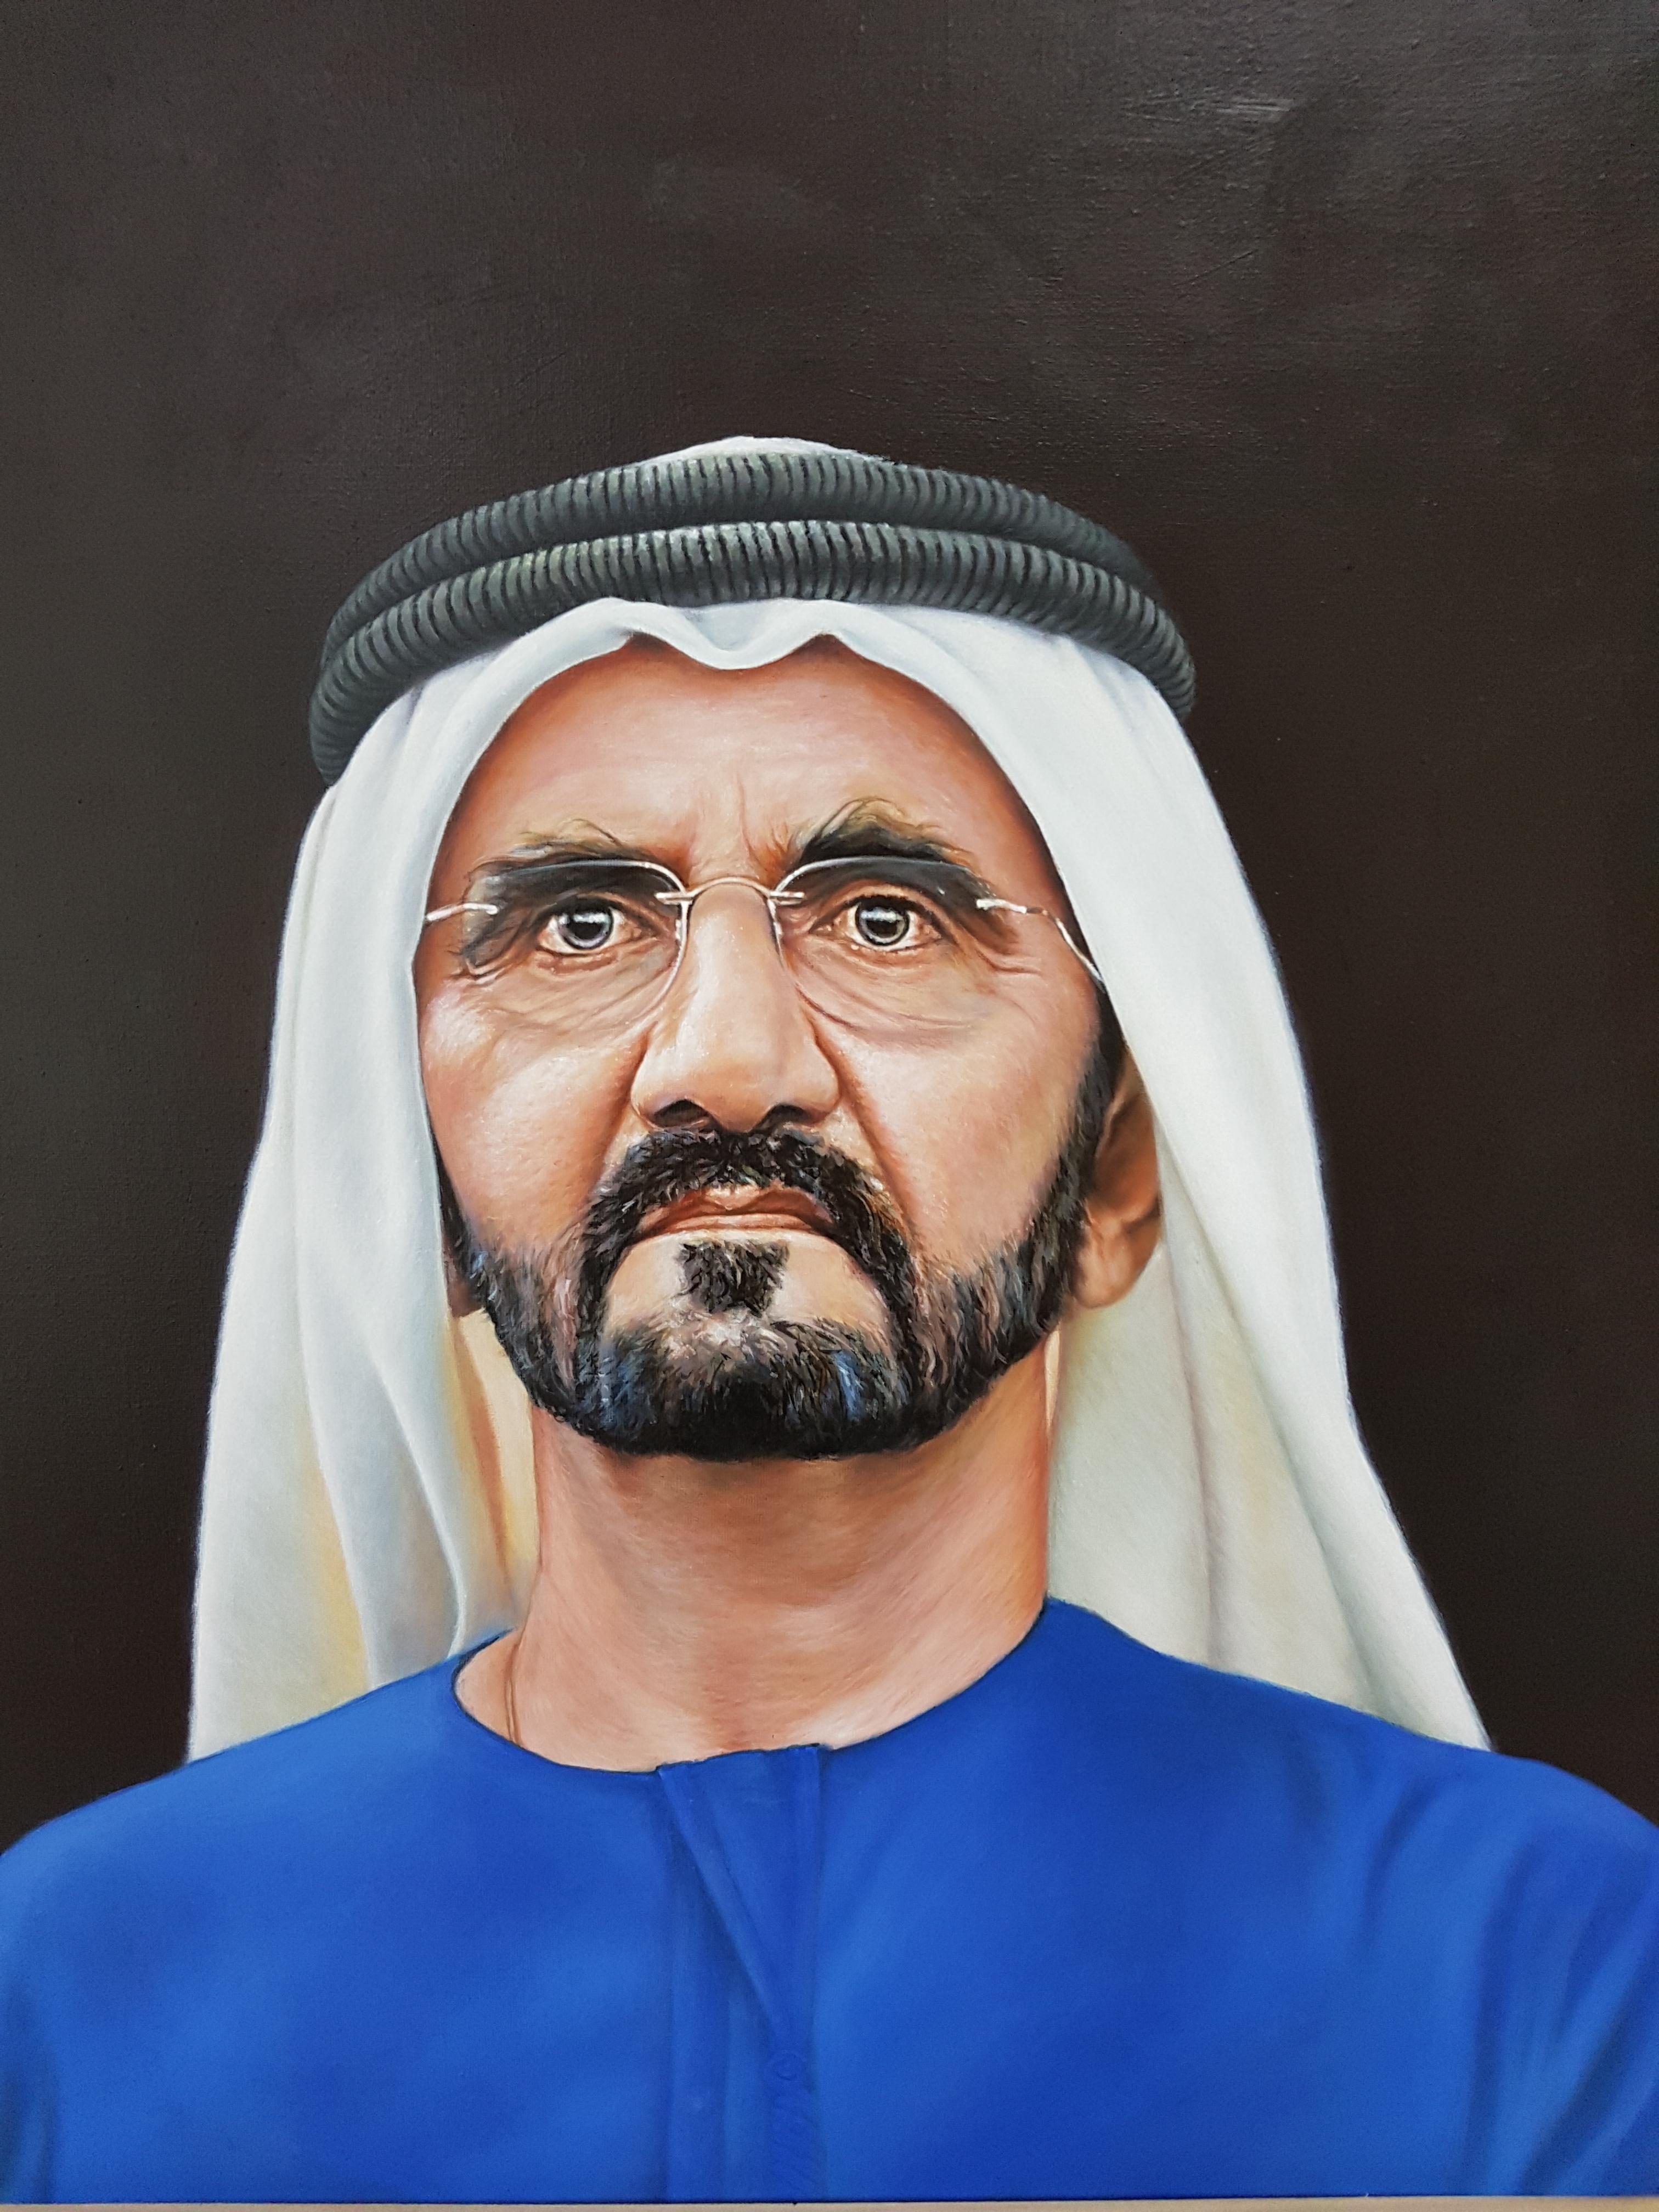 Shk Mohammed bin Rashid Al Maktoum